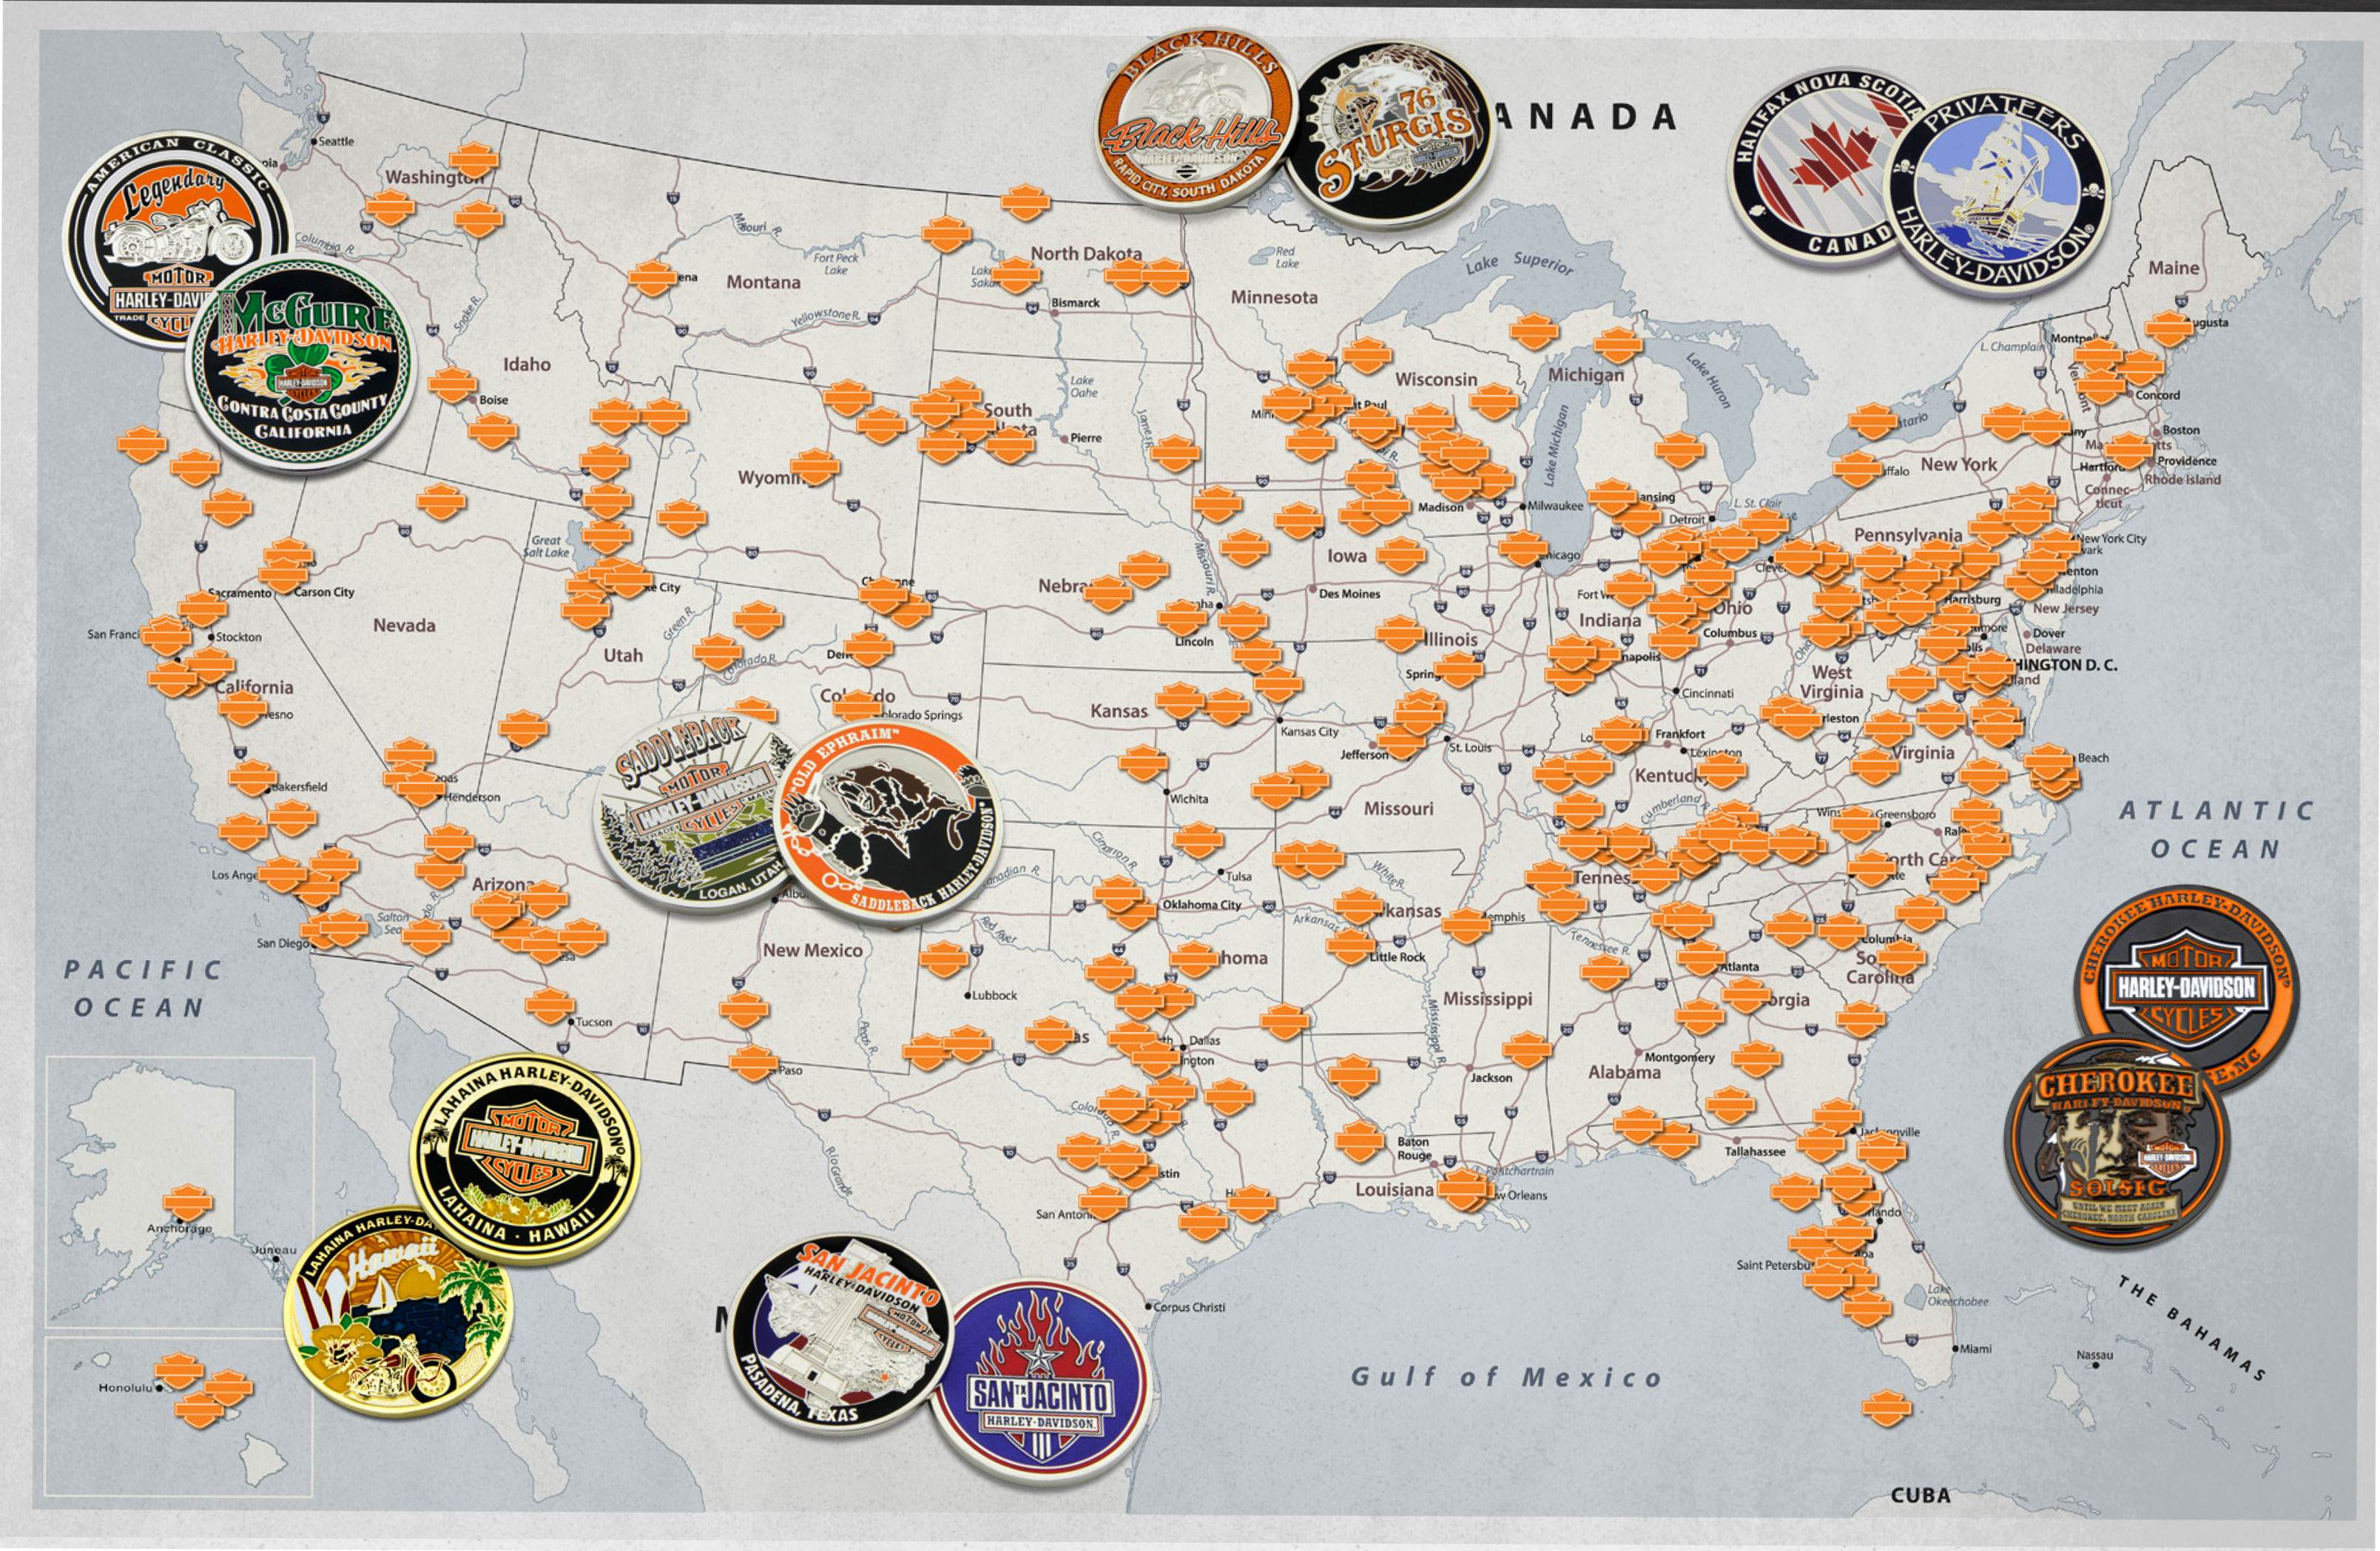 Harley Dealers – Harley Davidson – Symbol Arts - Texas Harley Davidson Dealers Map